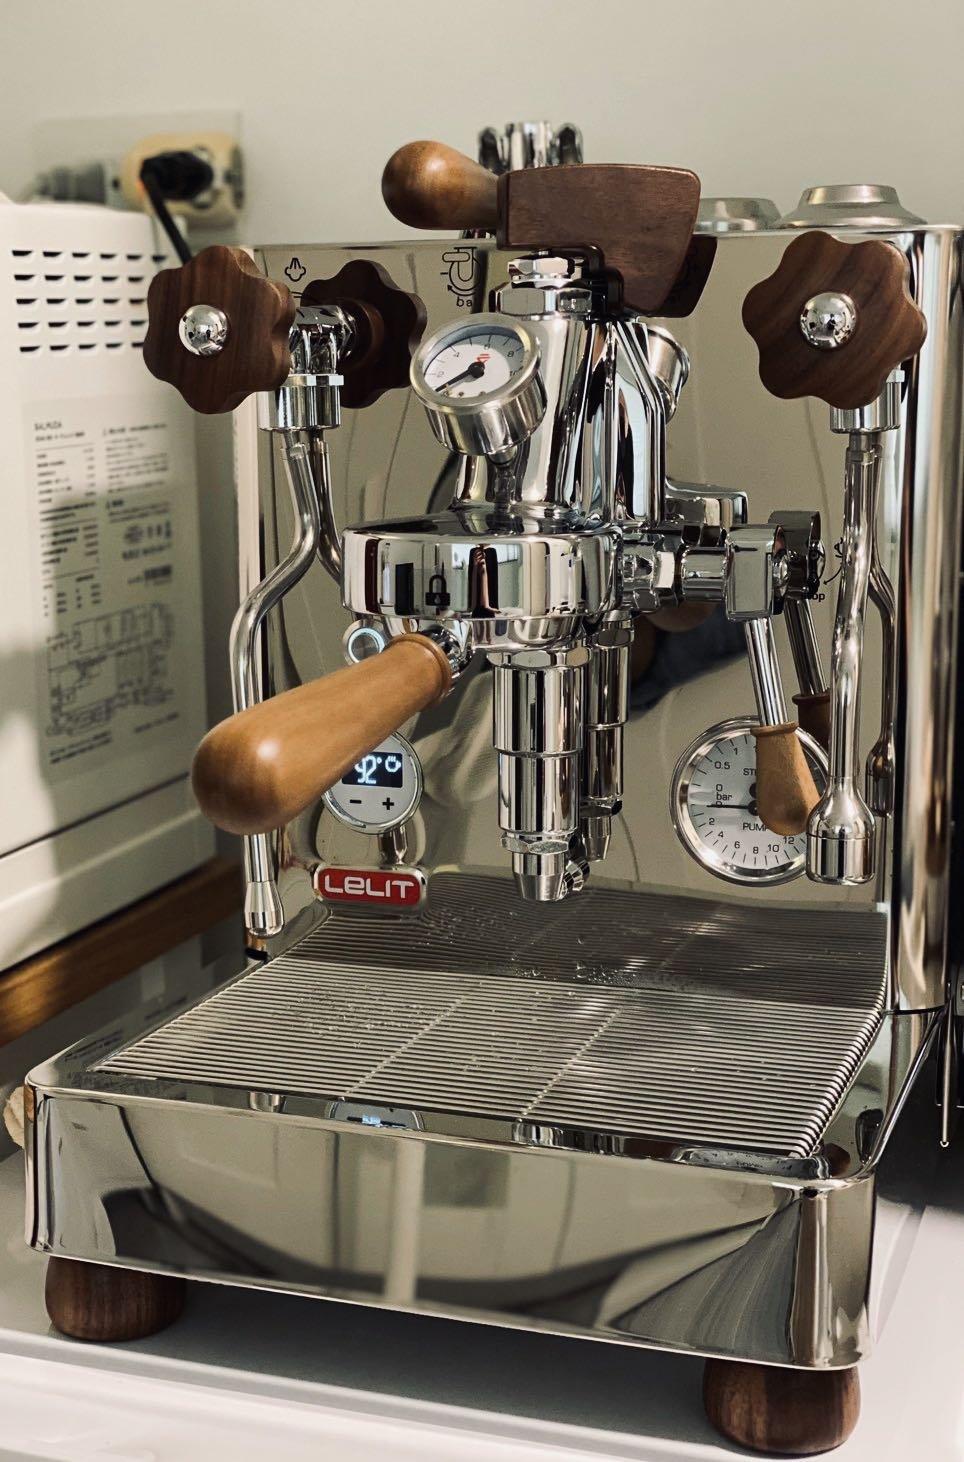 [新款現貨] Lelit bianca PL162T 可變壓 PID 雙鍋爐 半自動義式咖啡機  公司貨現貨1部敬請把握